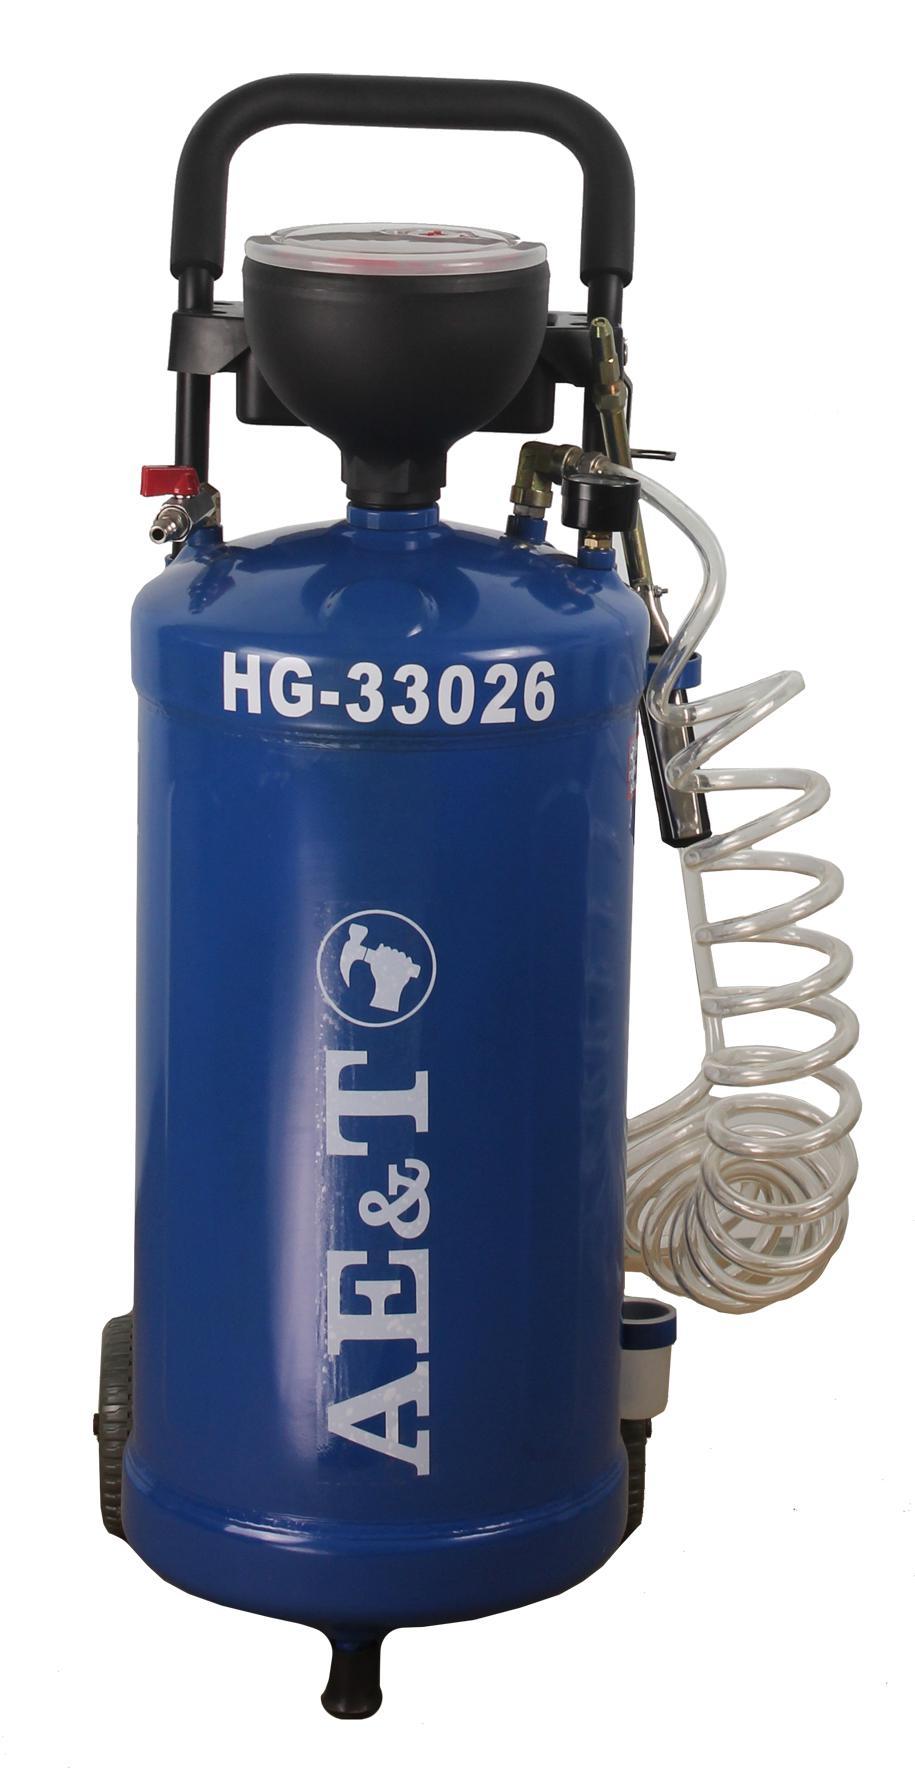 Установка Ae&t Hg-33026